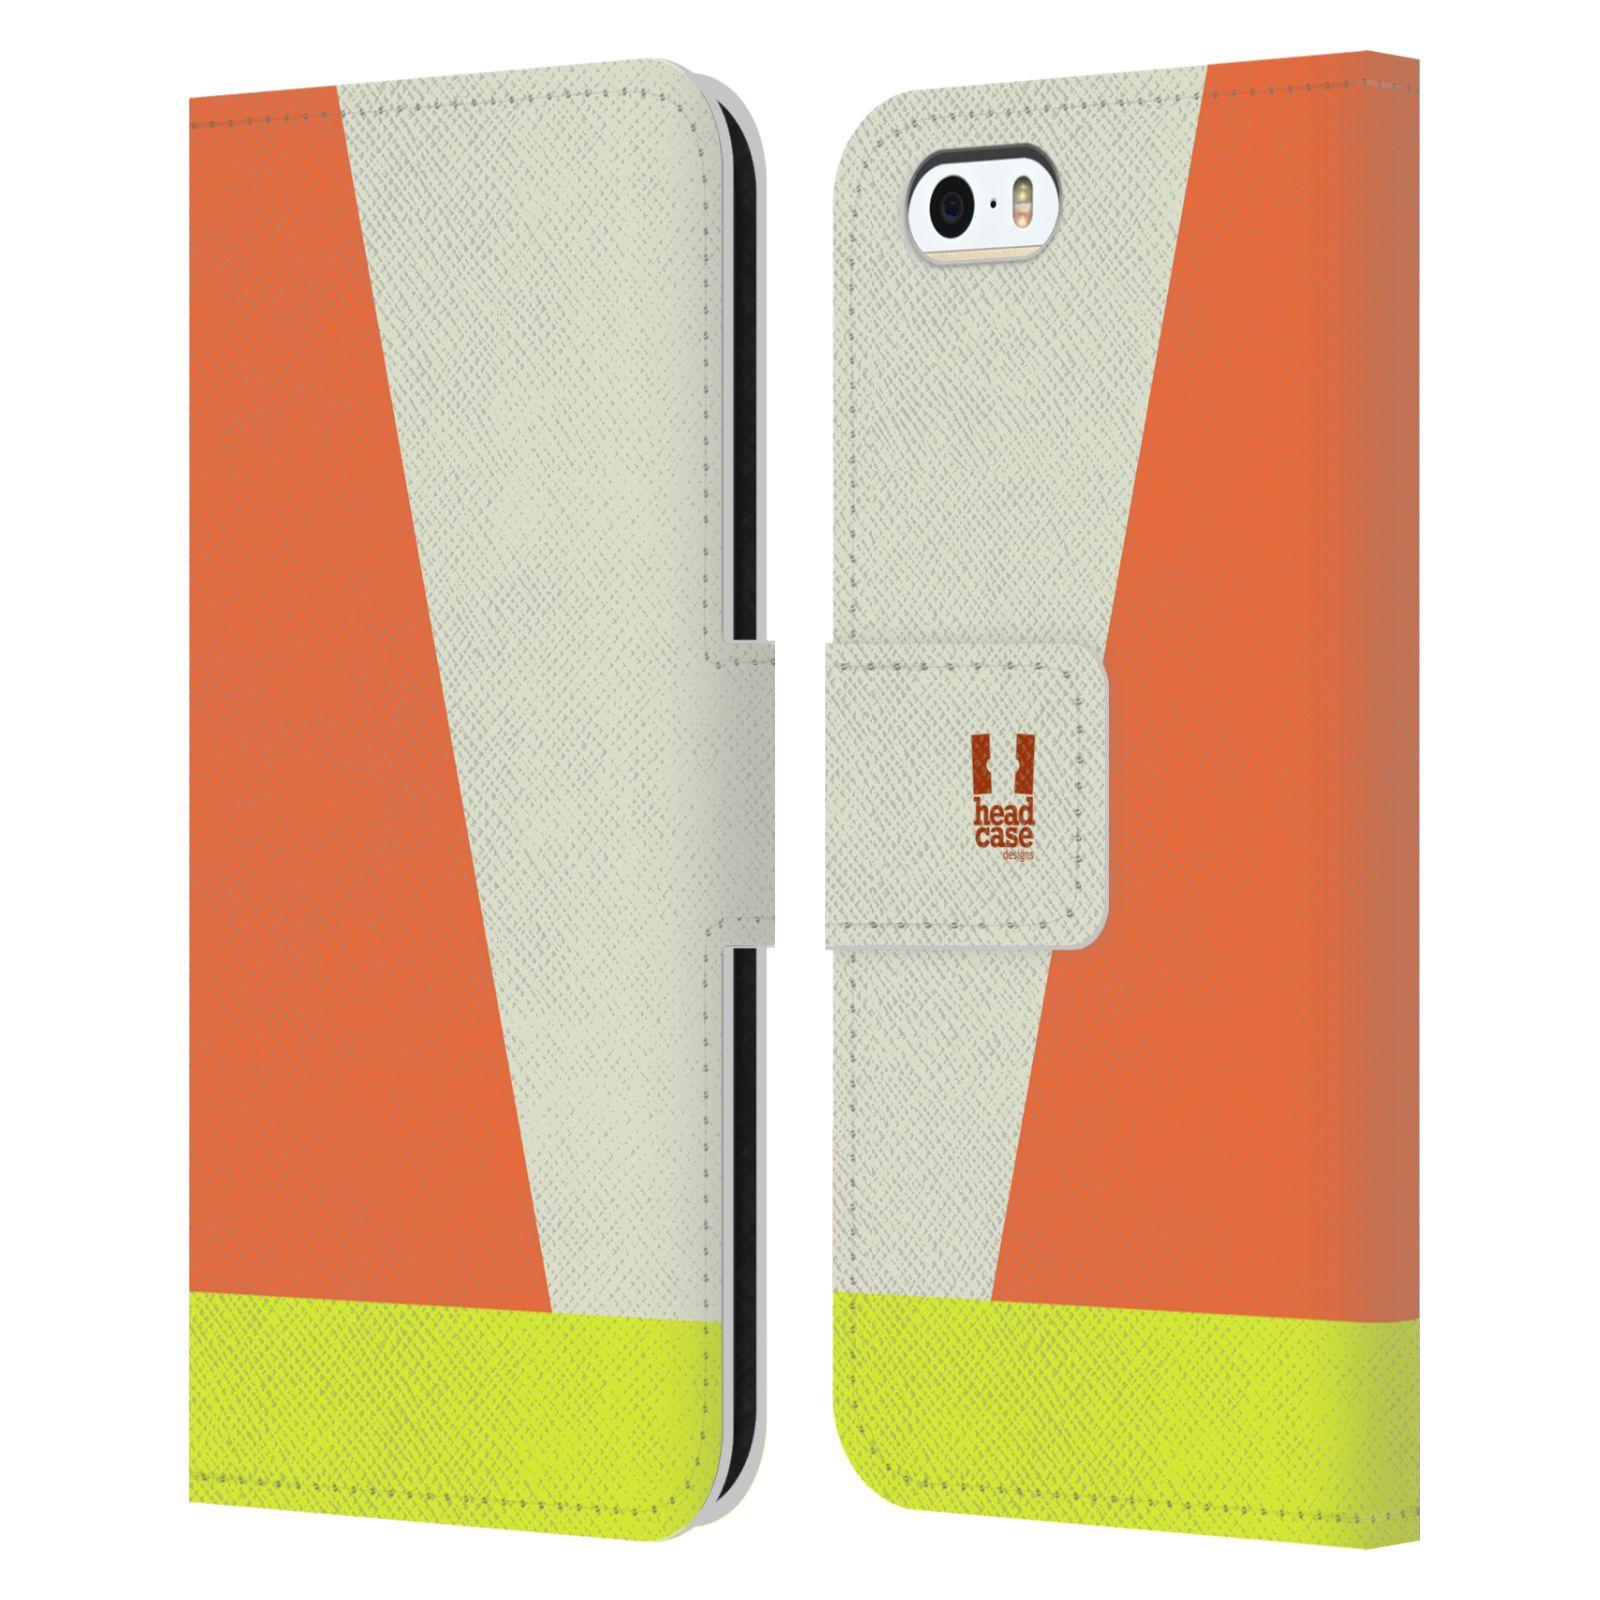 HEAD CASE Flipové pouzdro pro mobil Apple Iphone 5/5S barevné tvary slonová kost